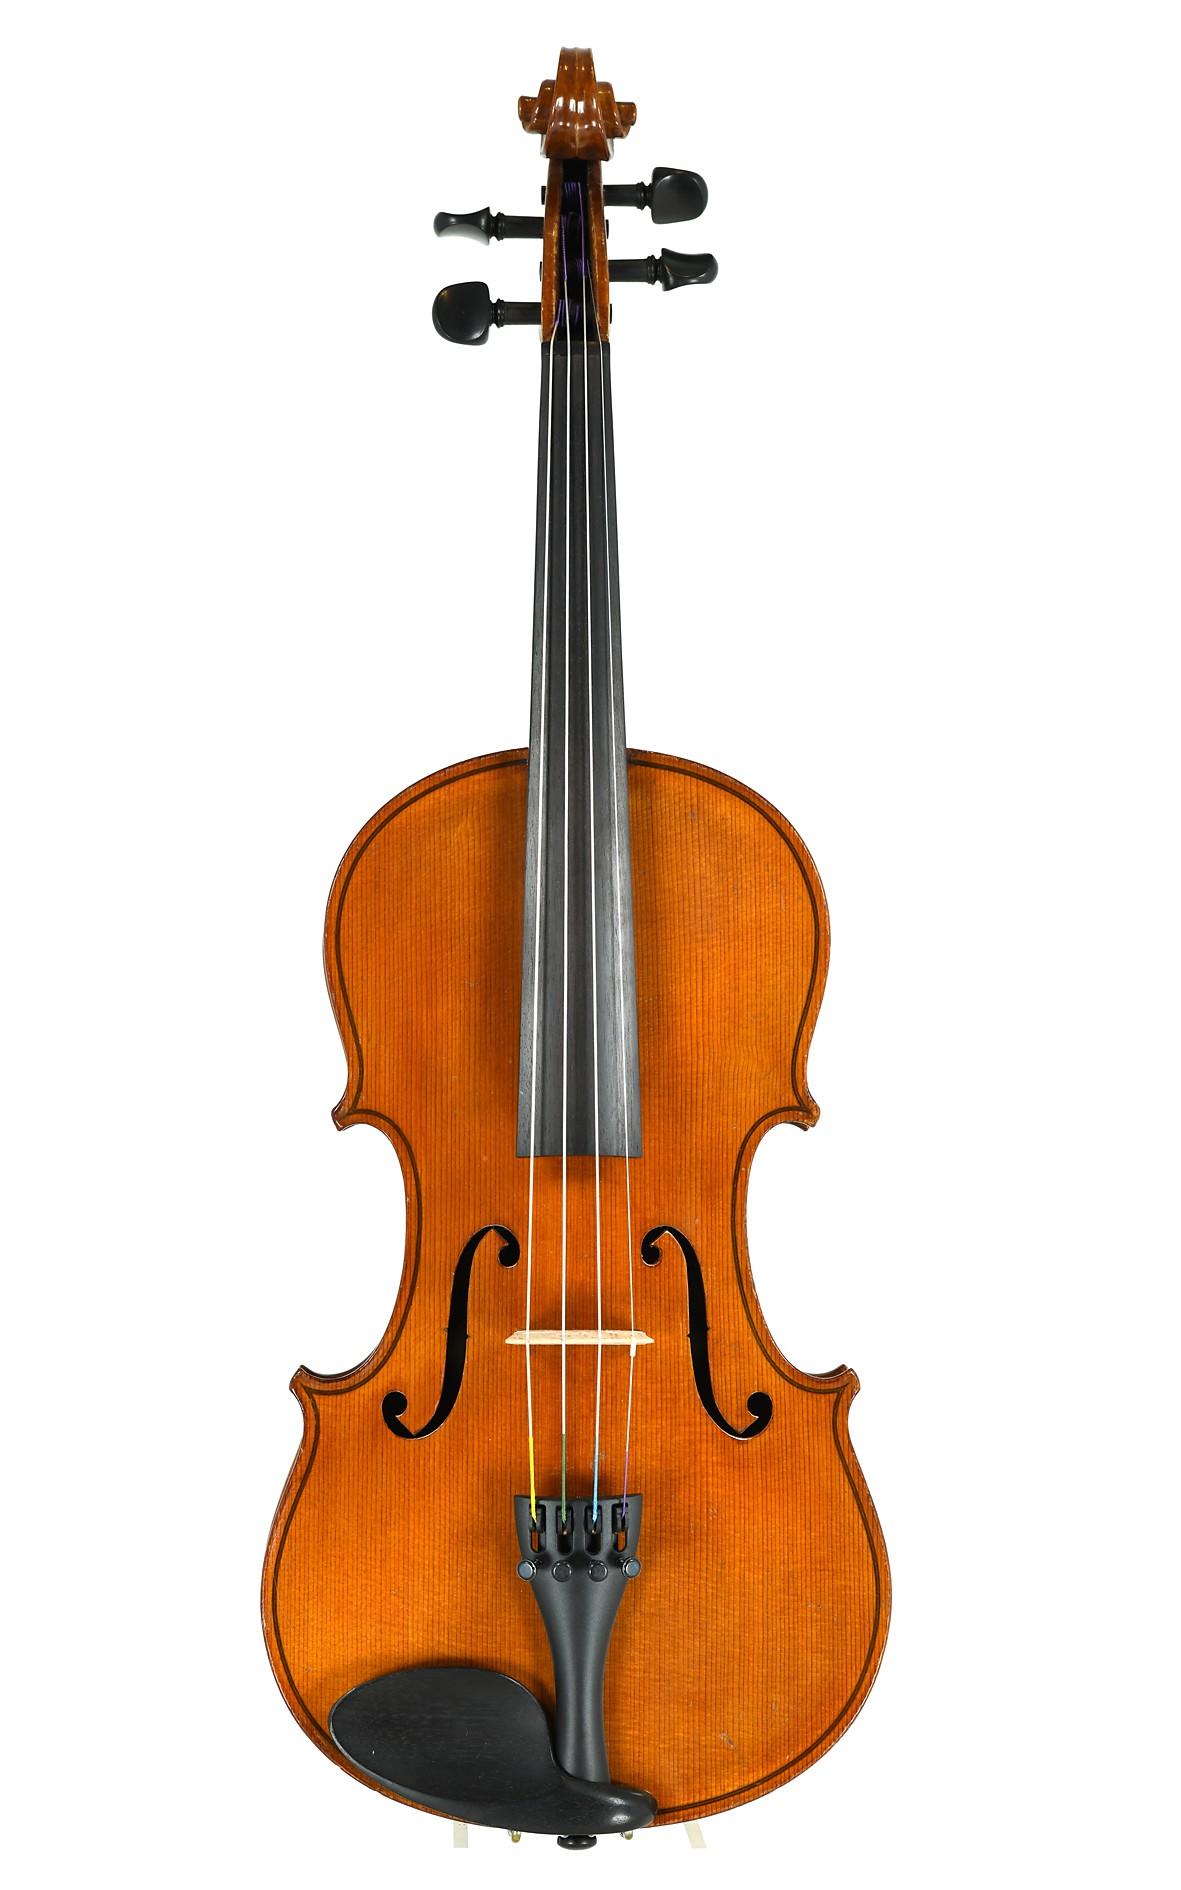 Sächsische Geige, 1940'er Jahre, heller, brillianter Ton - Decke